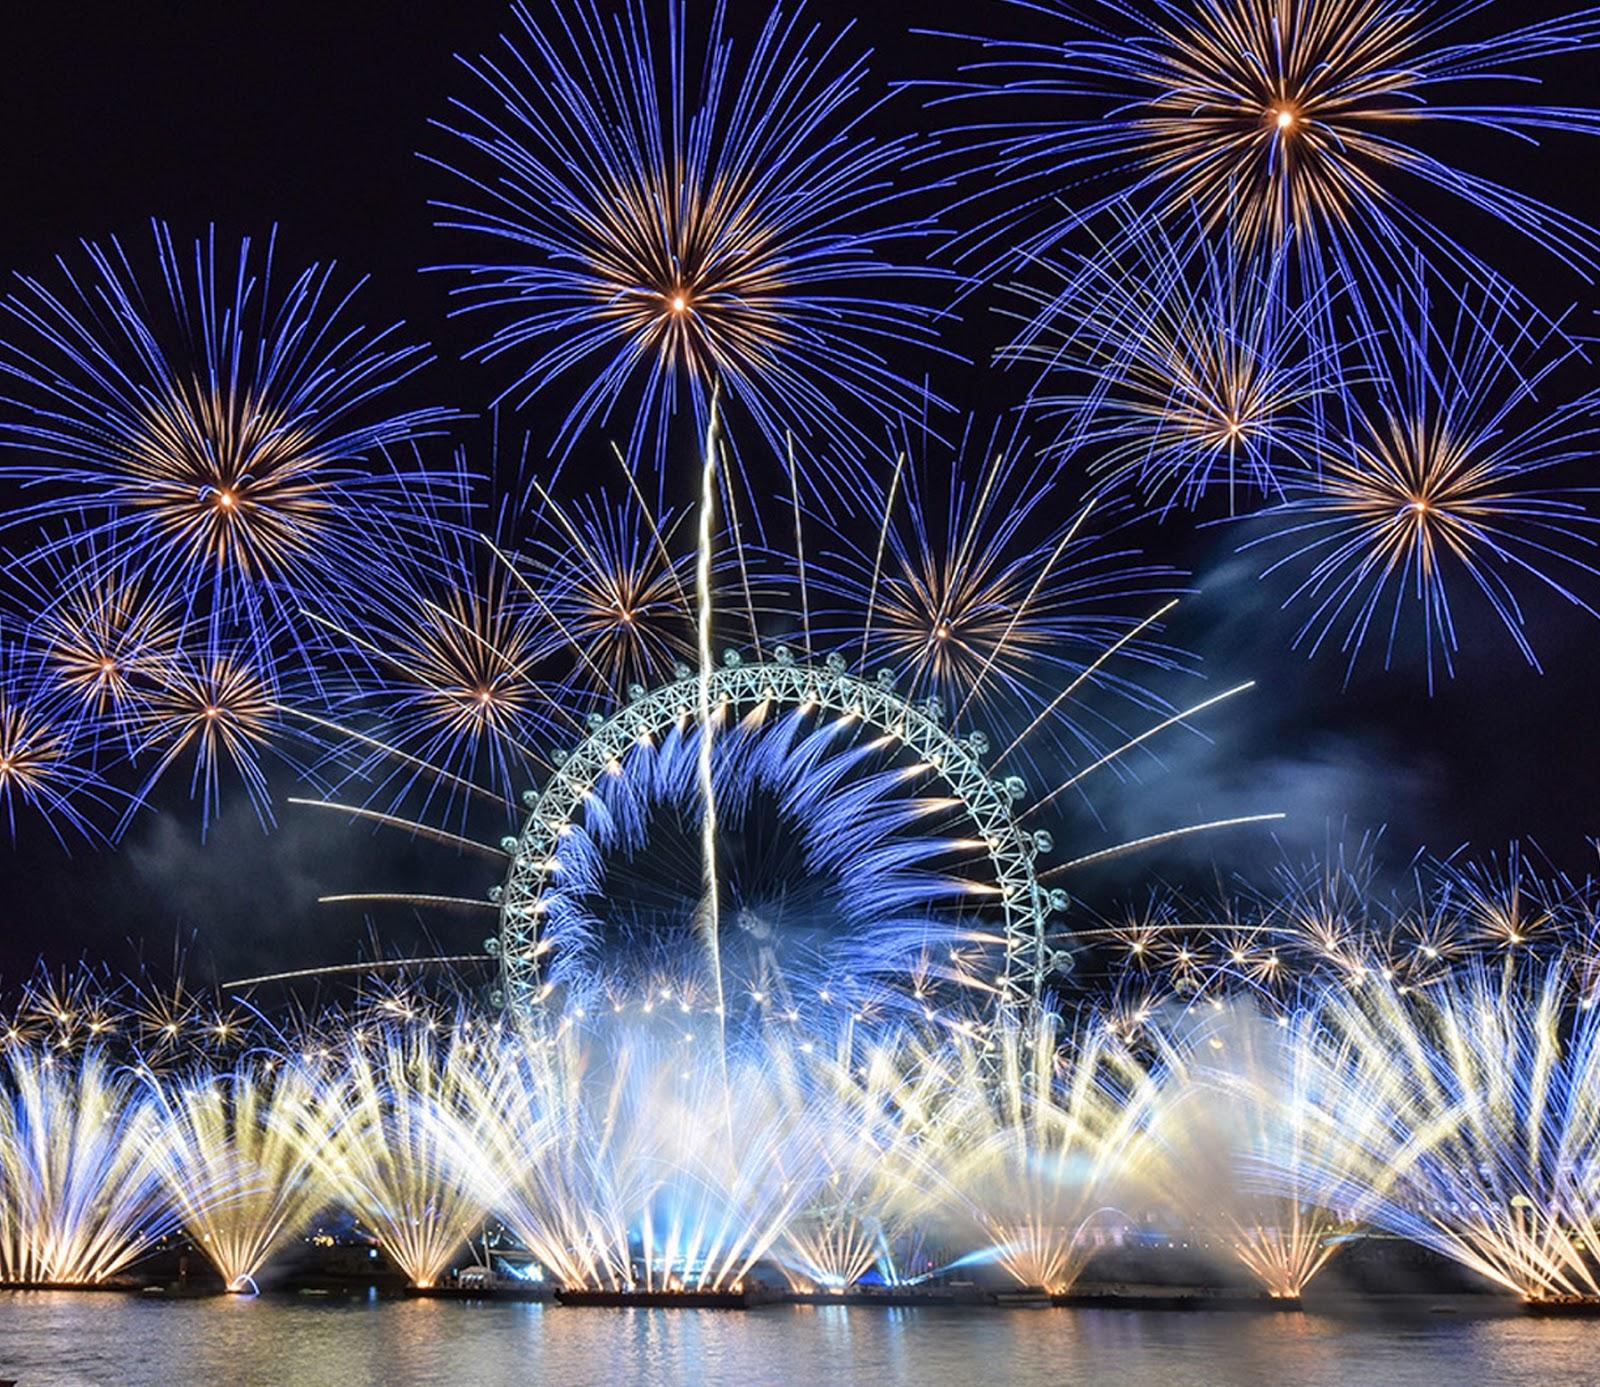 London's NYE Fireworks